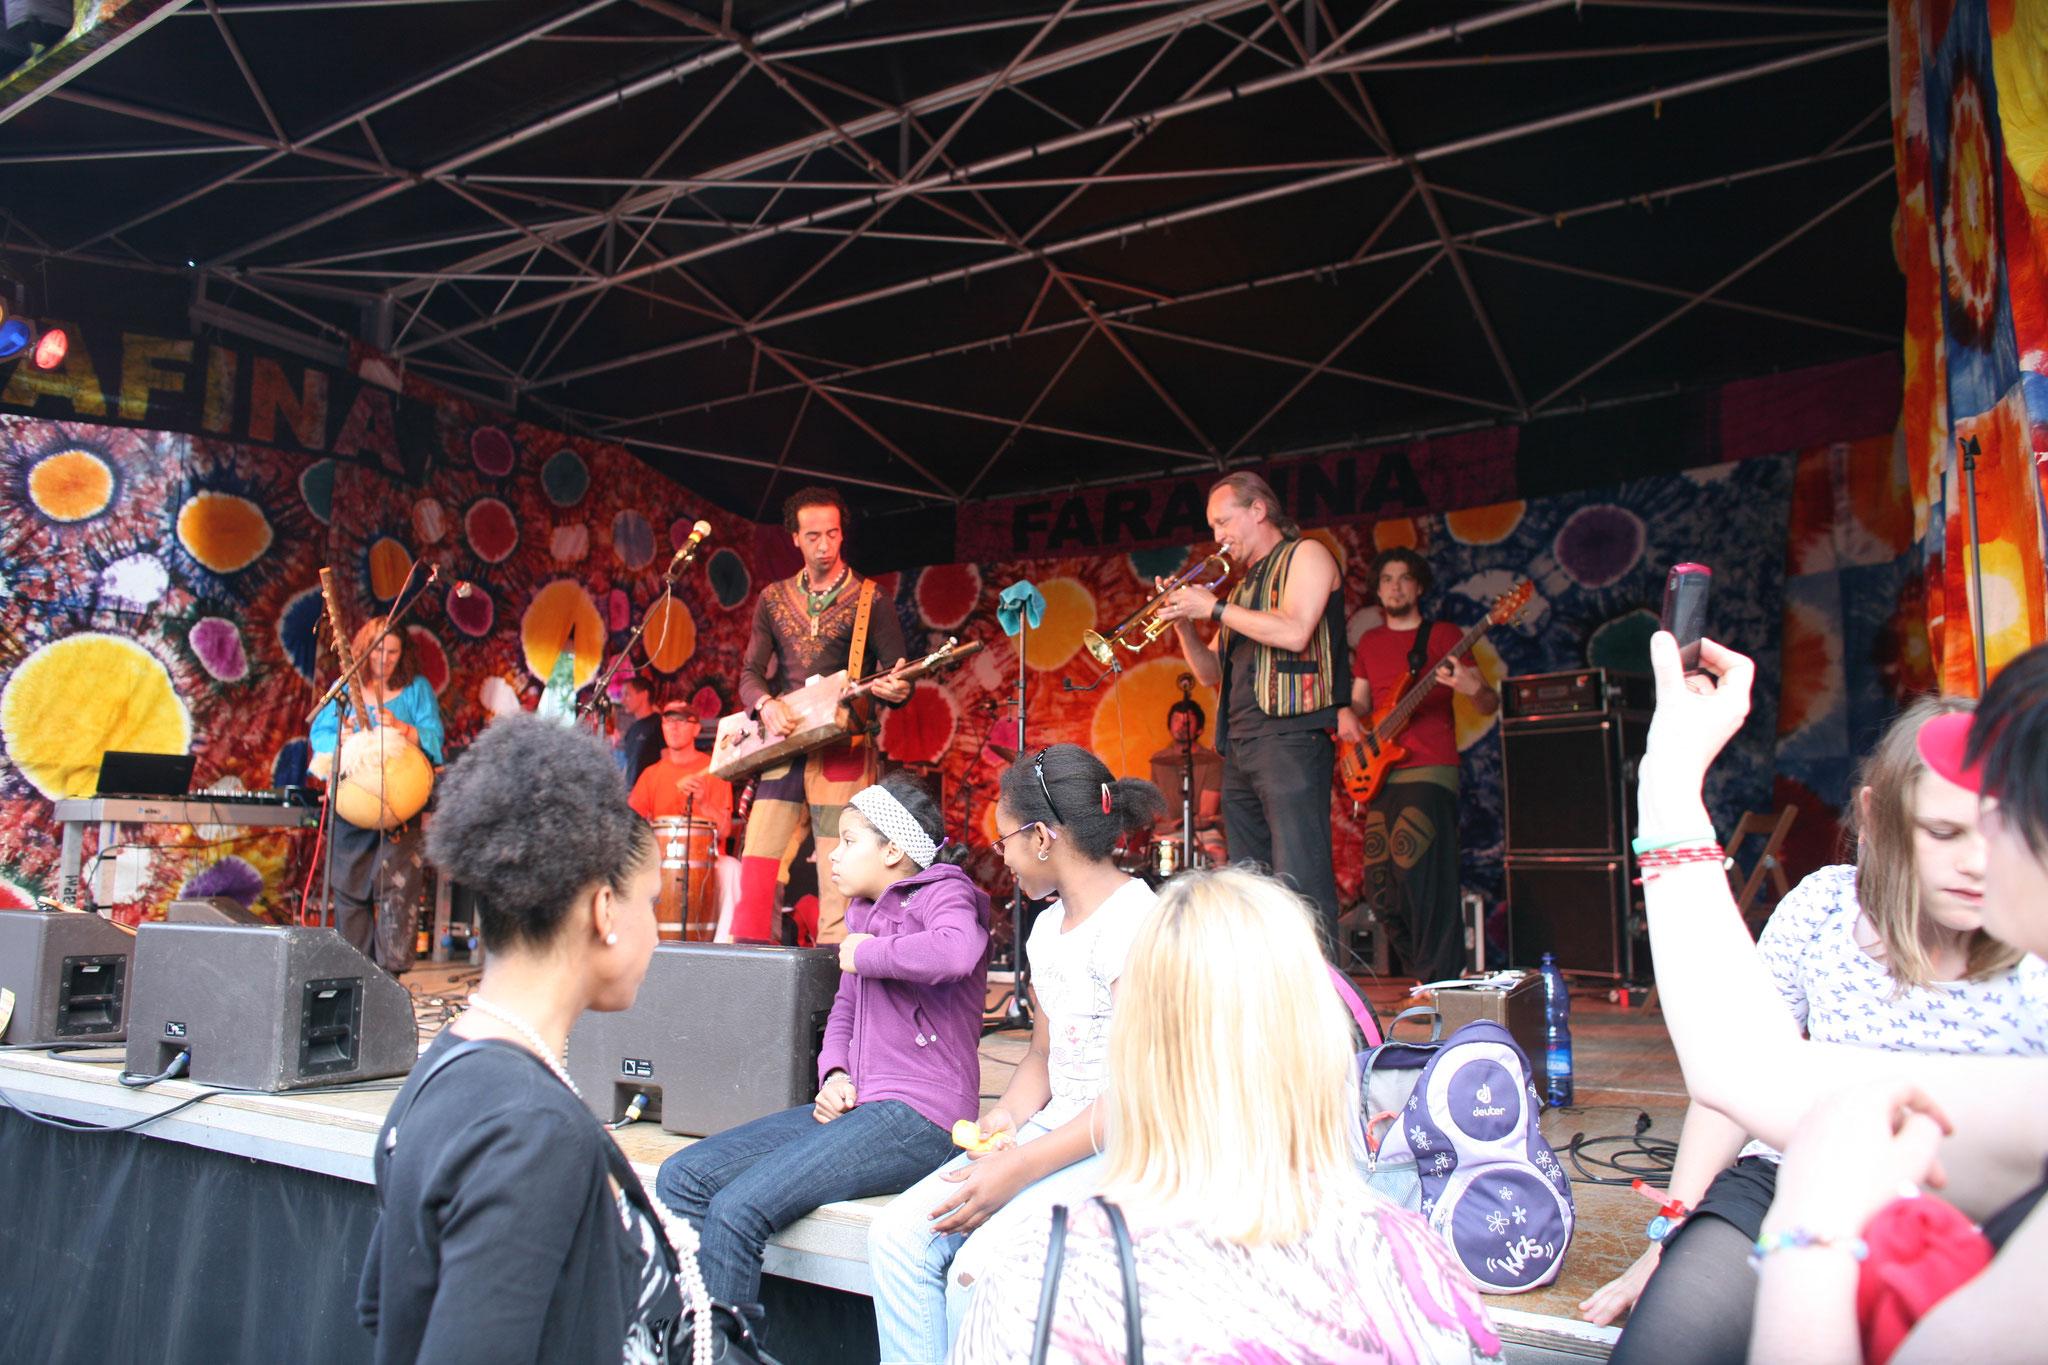 Khalaa Cross Road - Karneval der Kulturen Berln 2011